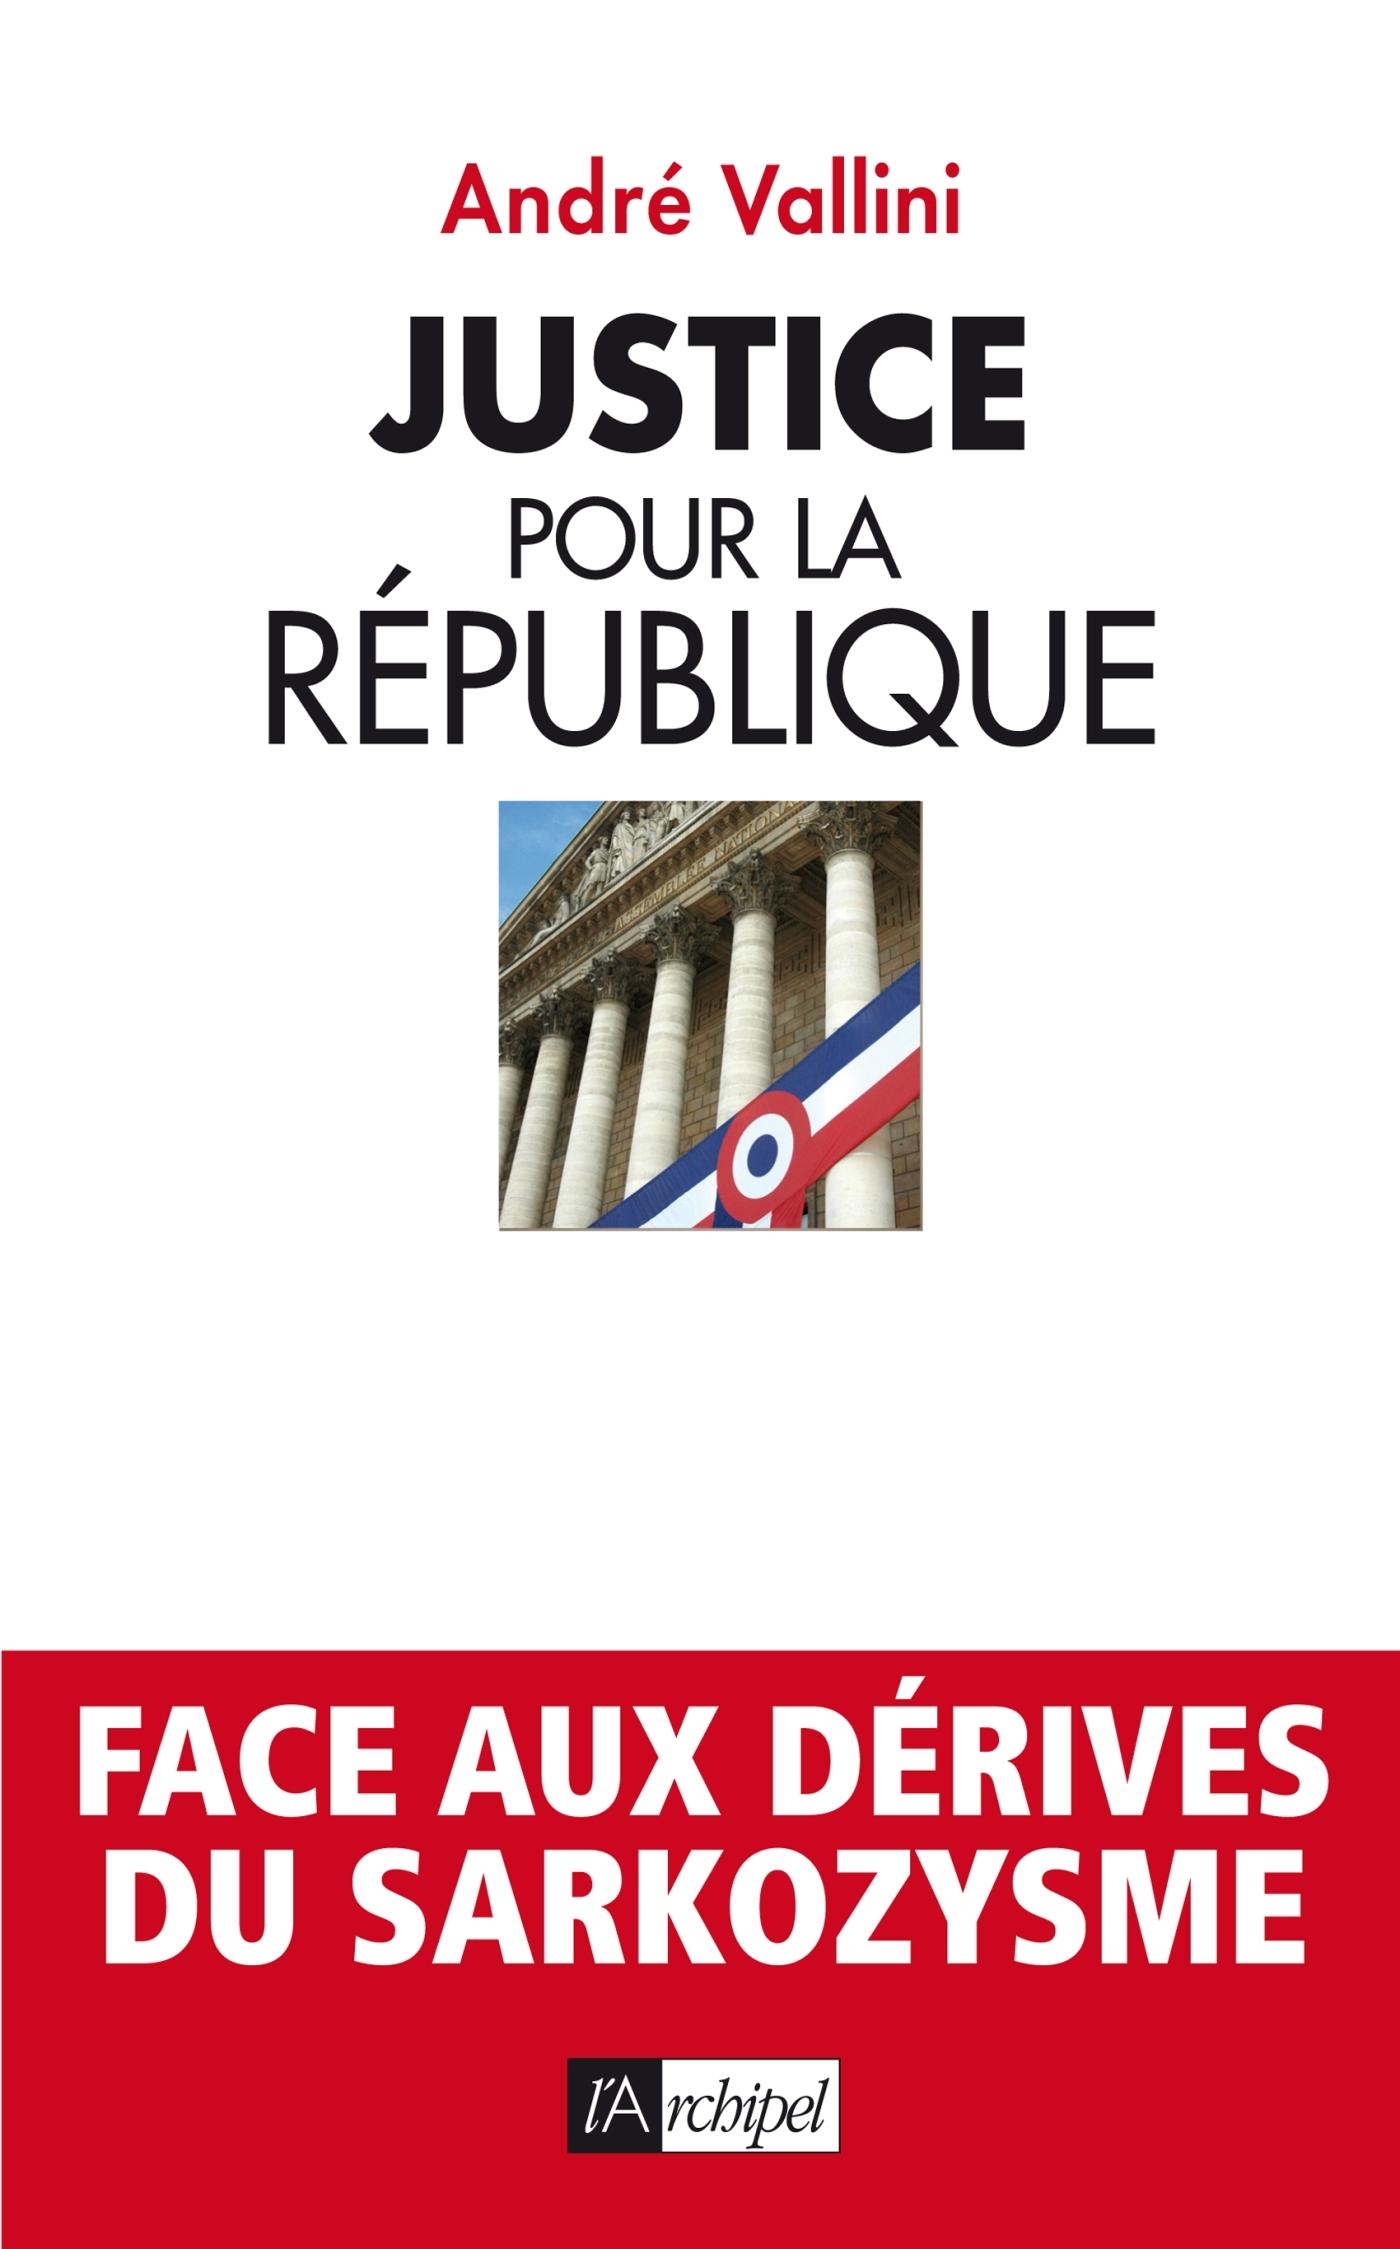 JUSTICE POUR LA REPUBLIQUE - FACE AUX DERIVES DU ZARKOZYSME